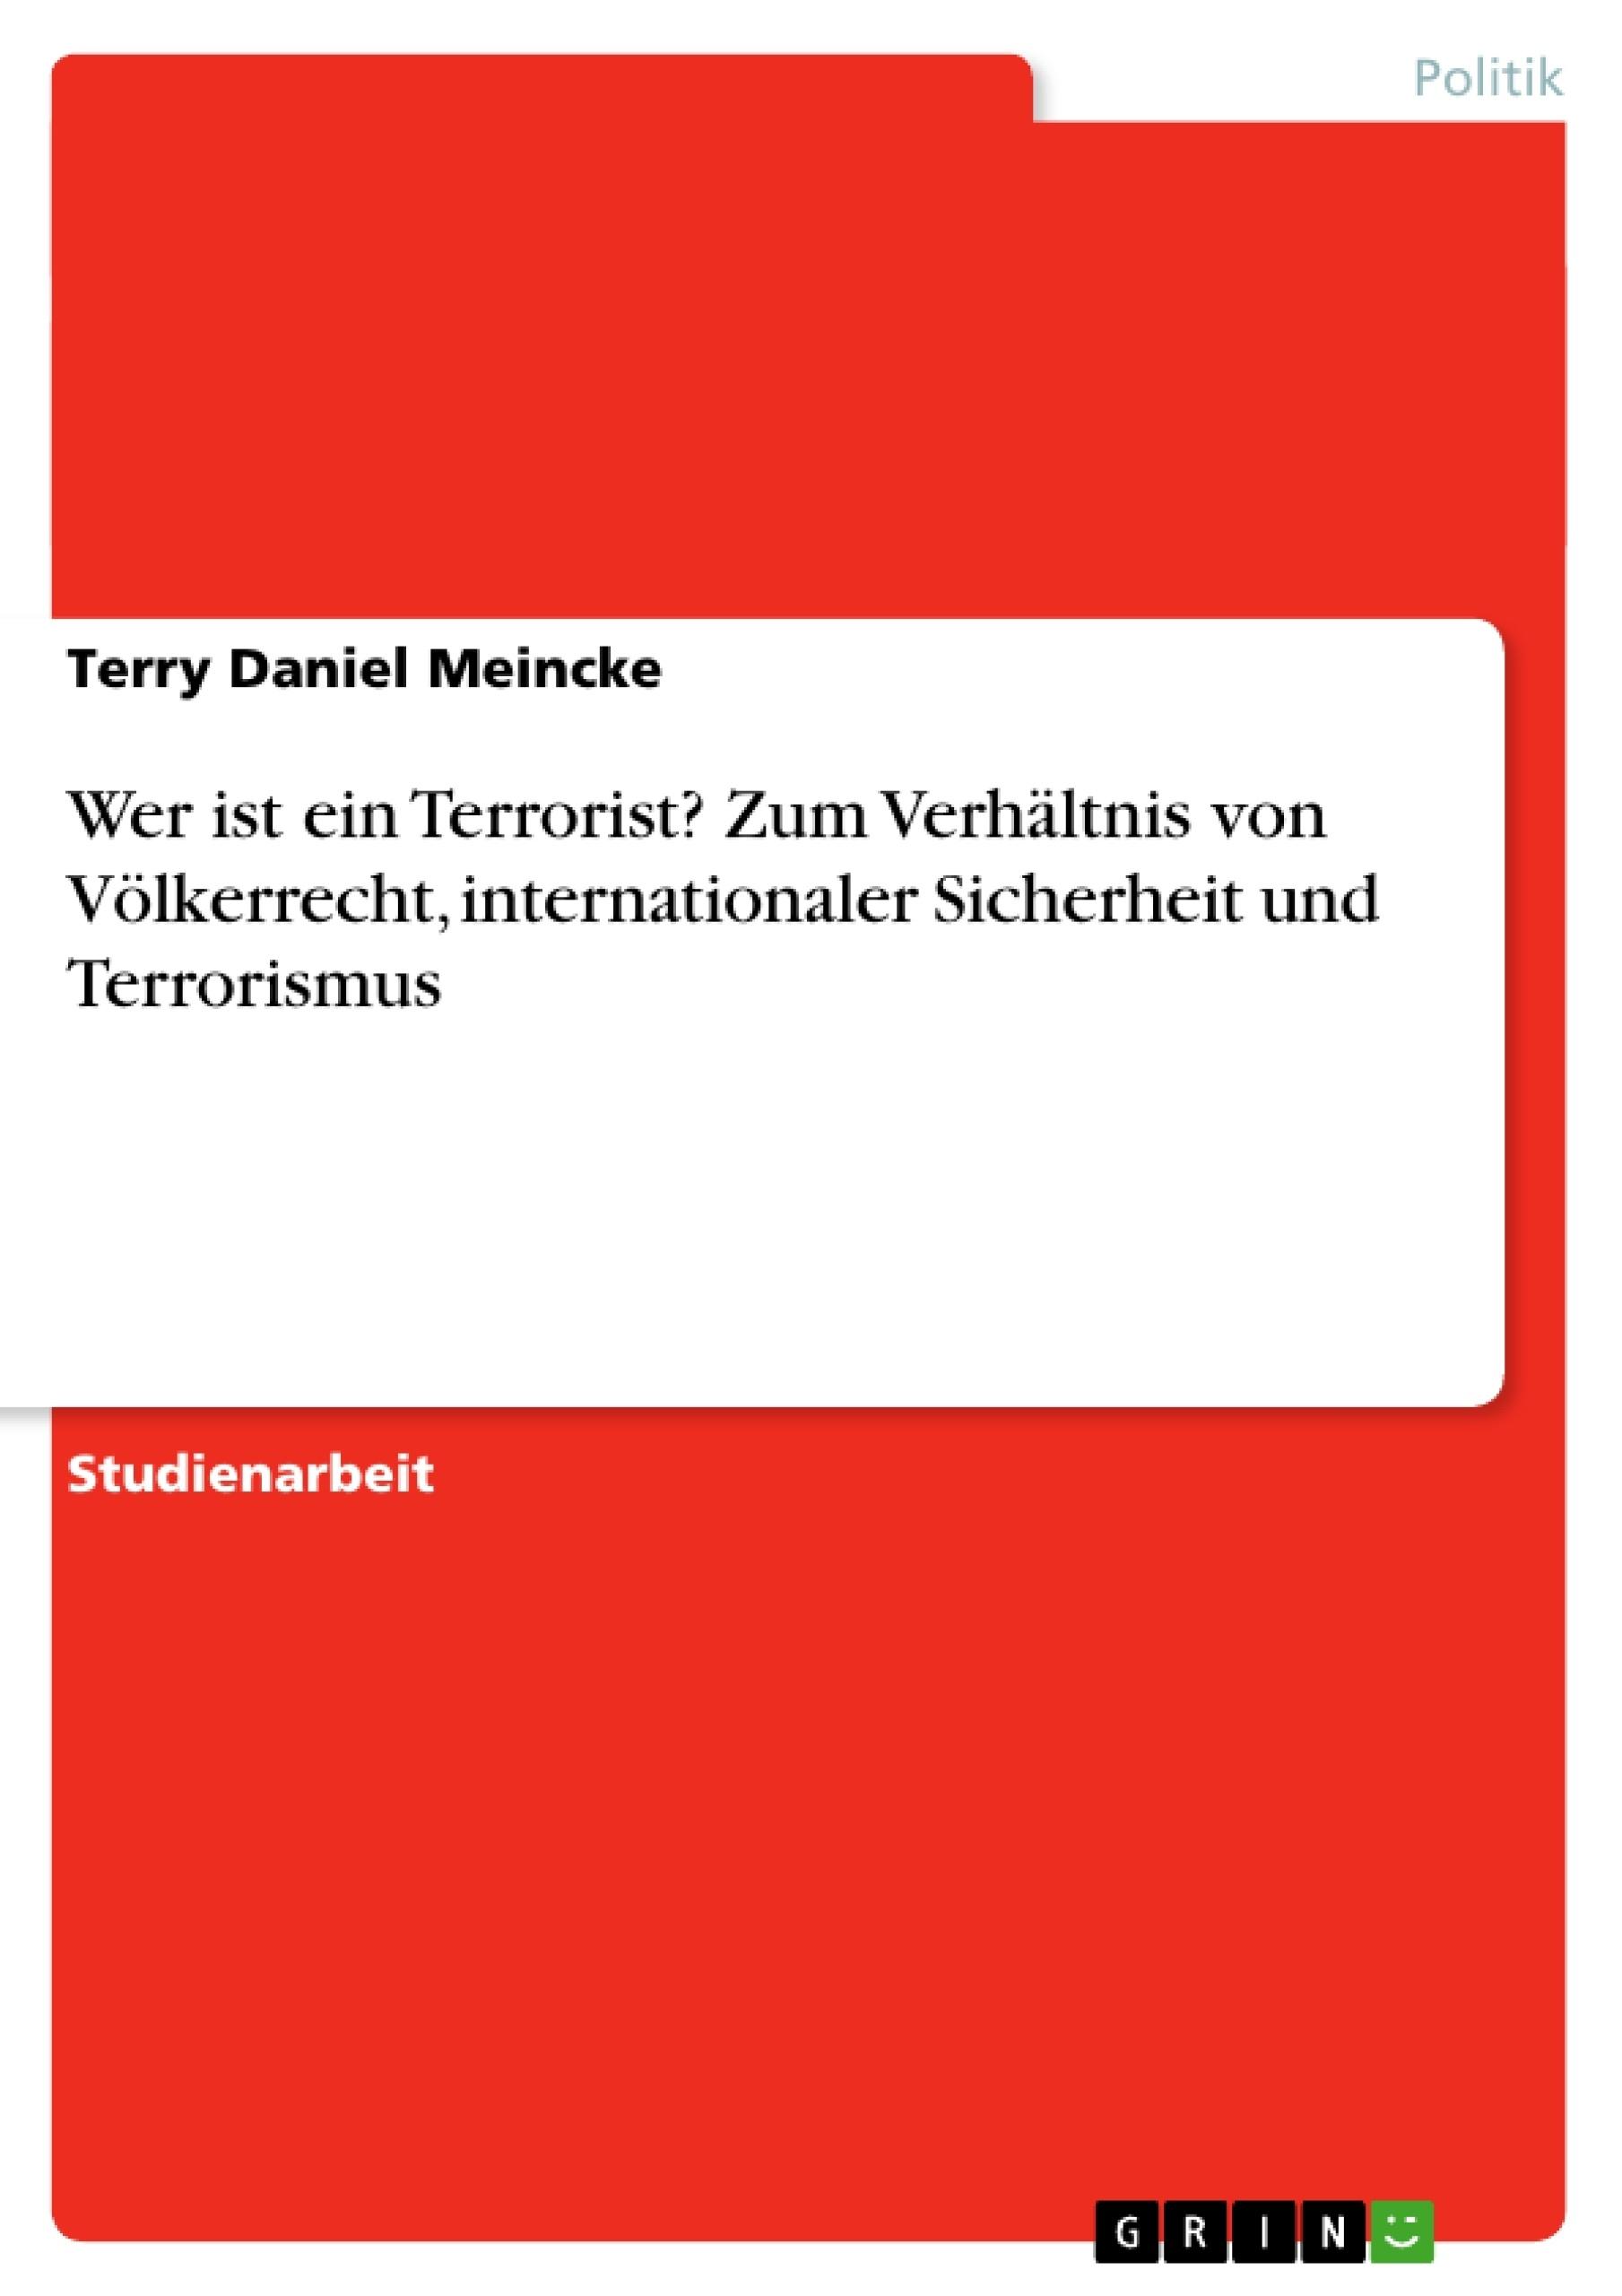 Titel: Wer ist ein Terrorist? Zum Verhältnis von Völkerrecht, internationaler Sicherheit und Terrorismus